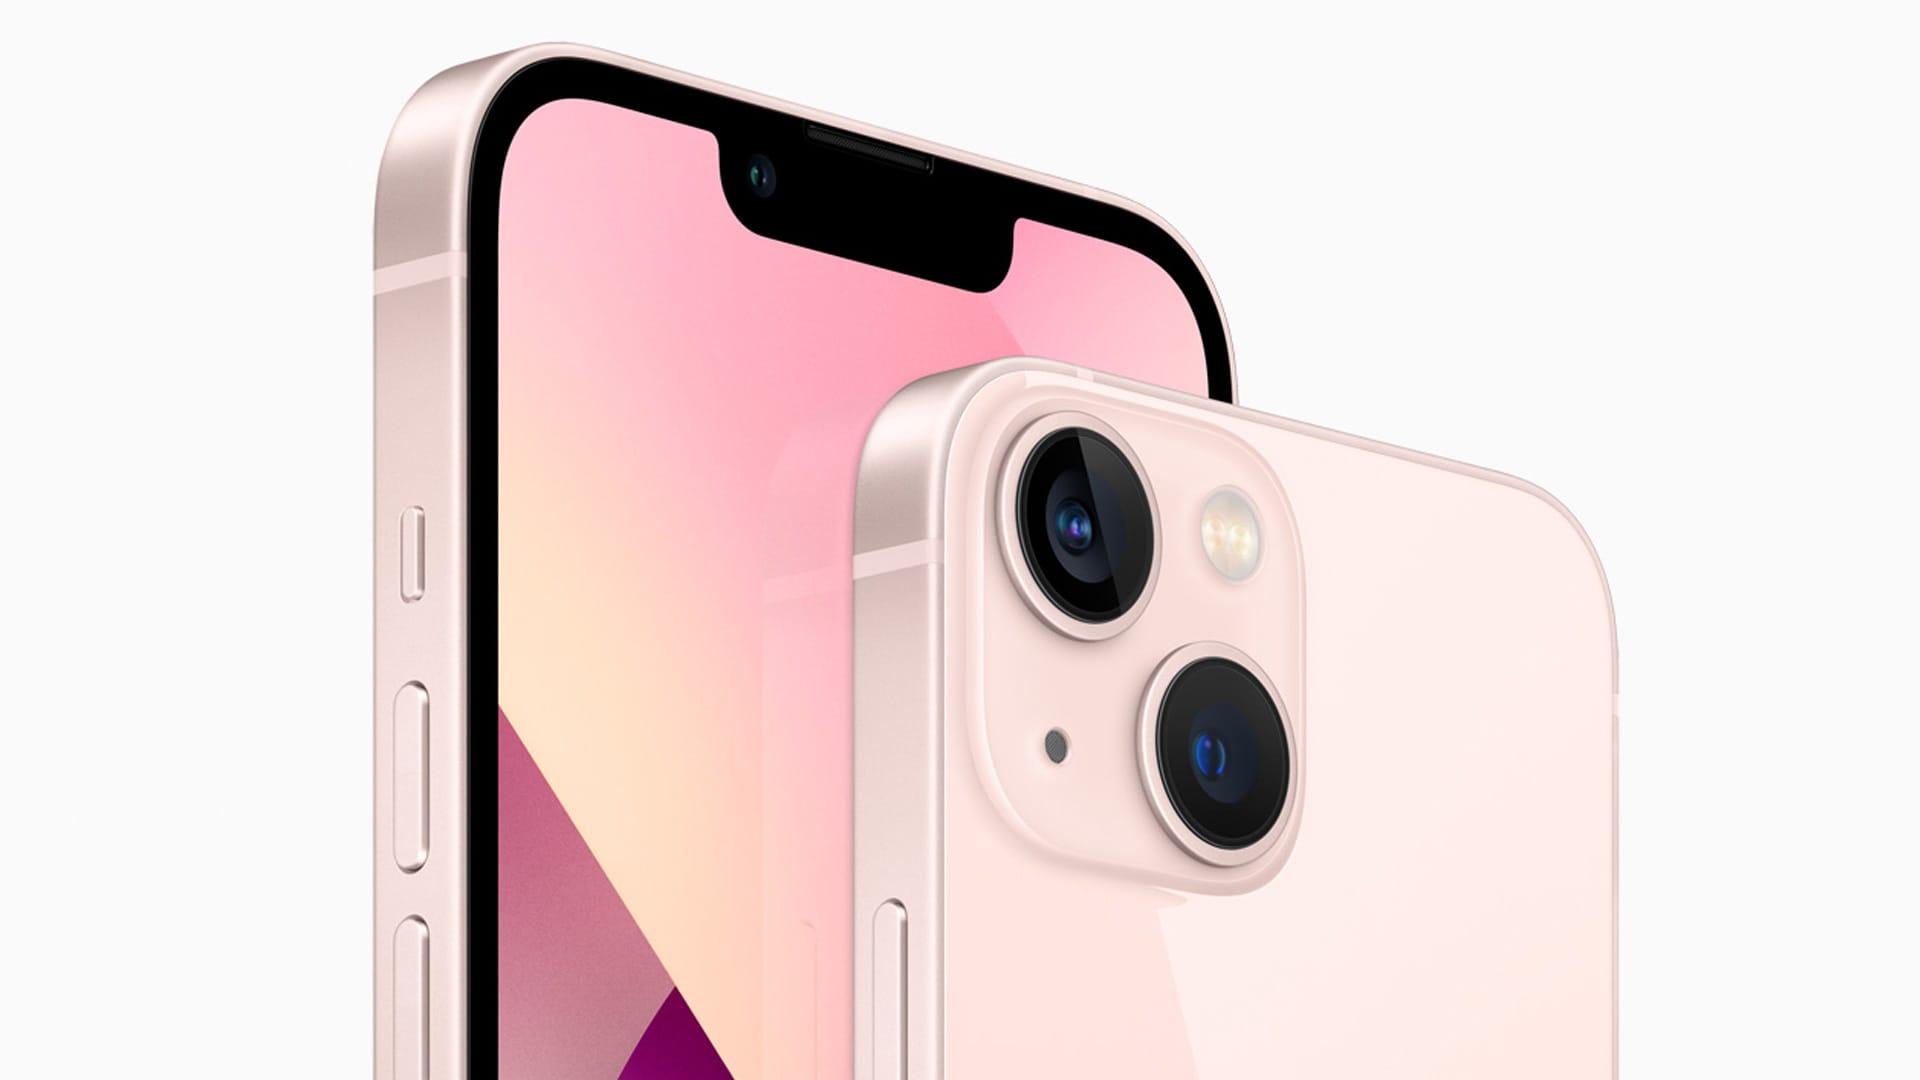 Comprar el iPhone 13 con Jazztel: precios y tarifas